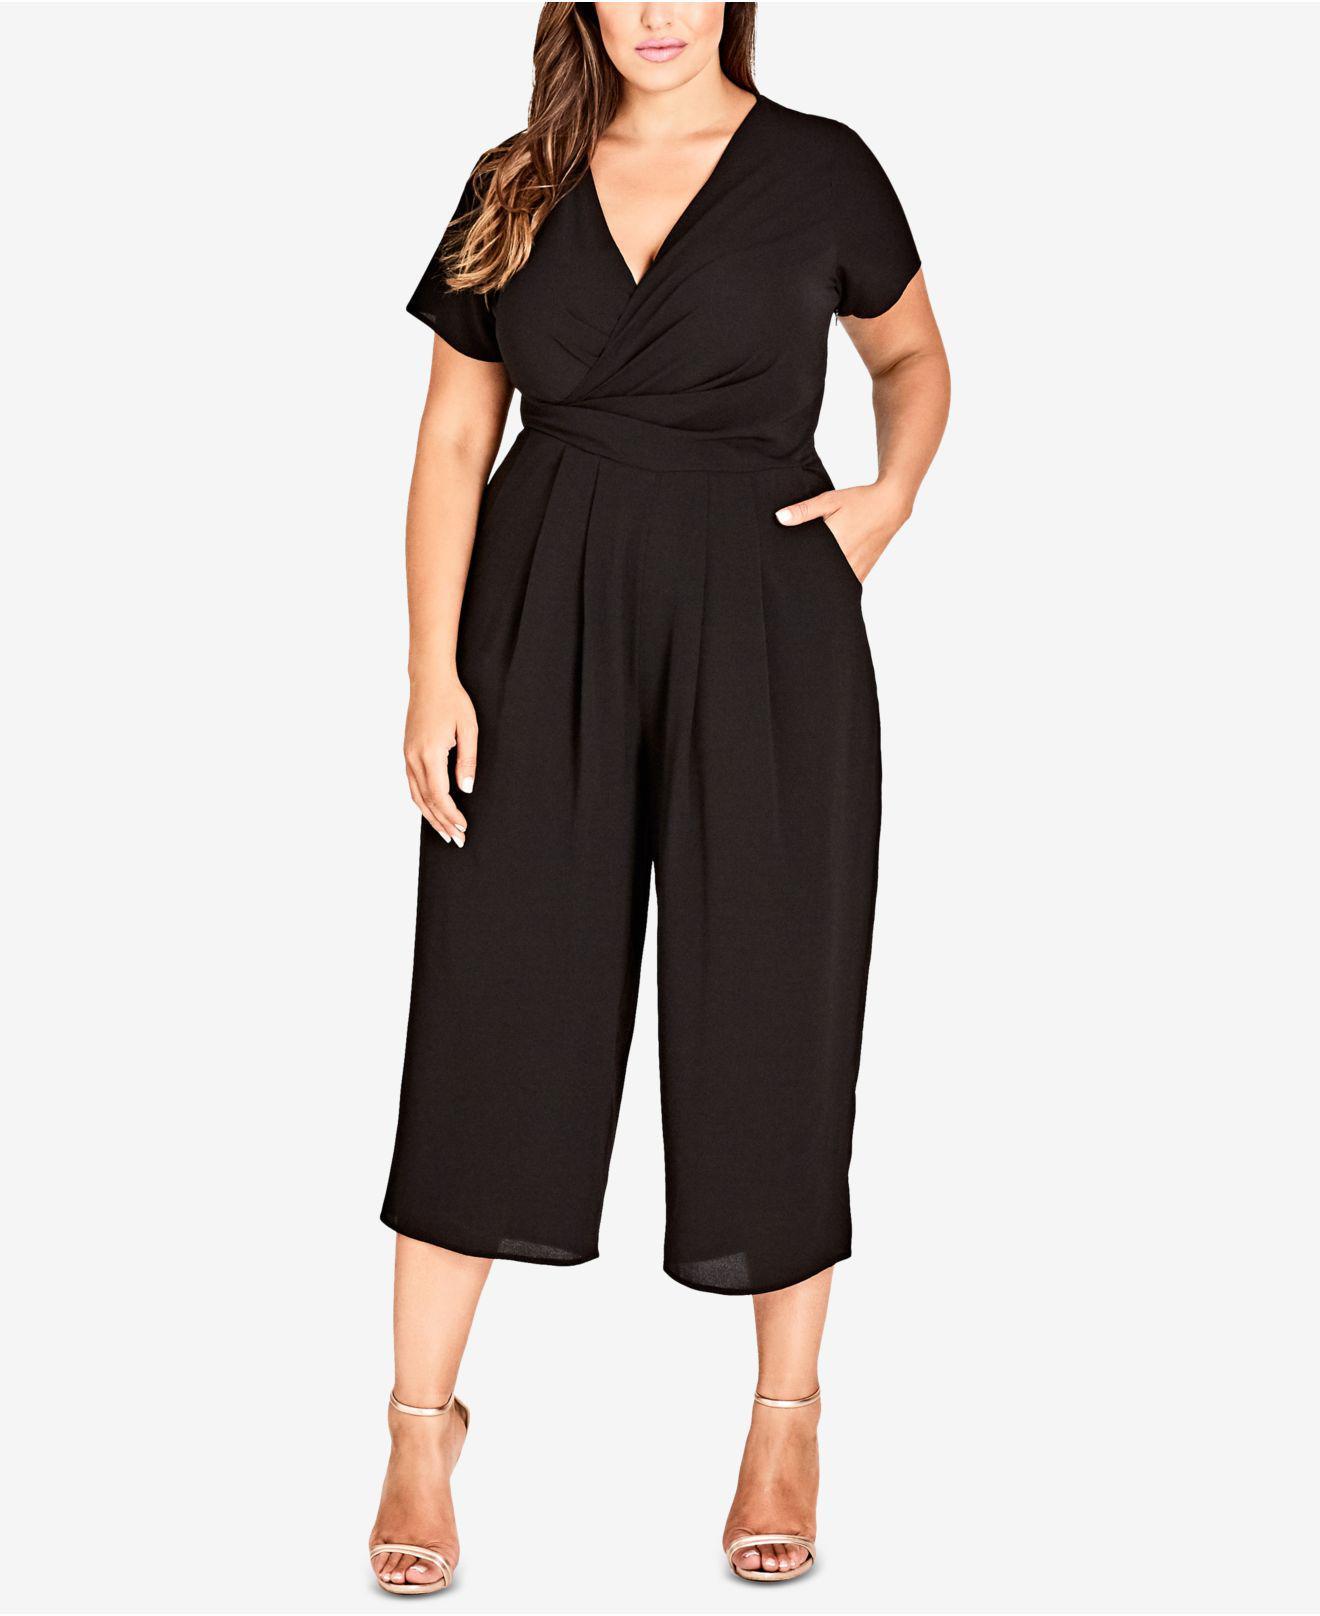 31e1a2837e92 City Chic. Women s Black Trendy Plus Size Surplice Neckline Cropped Jumpsuit